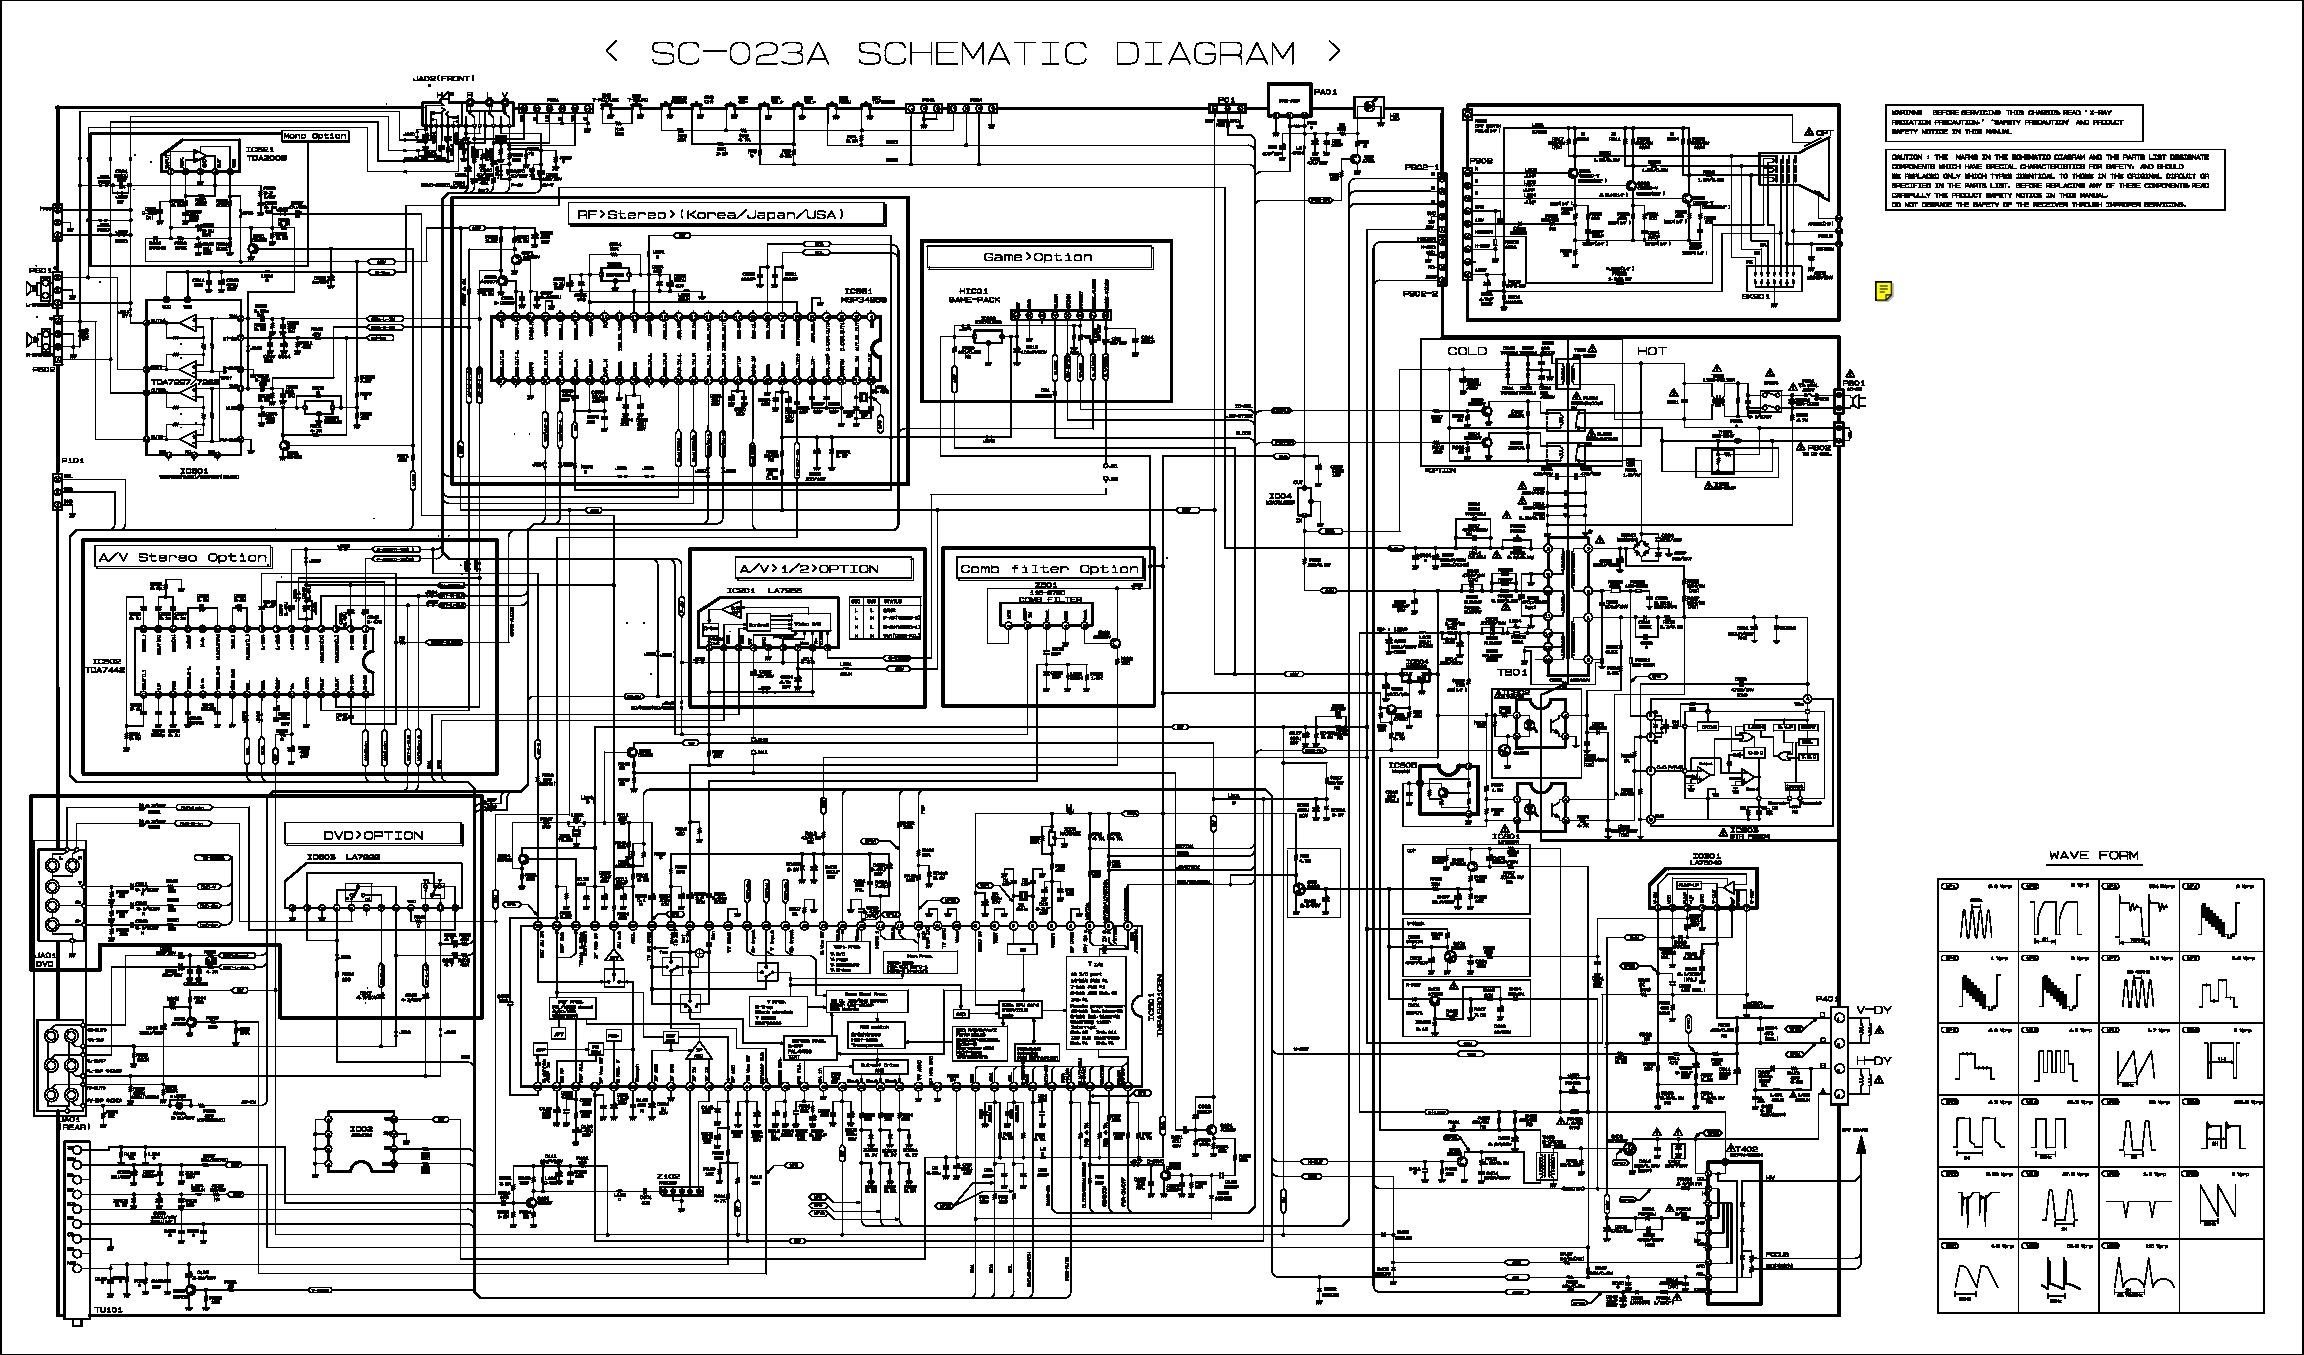 Lg Lg Cp 20j52a Pdf Diagramas De Televisores Lcd Y Plasma